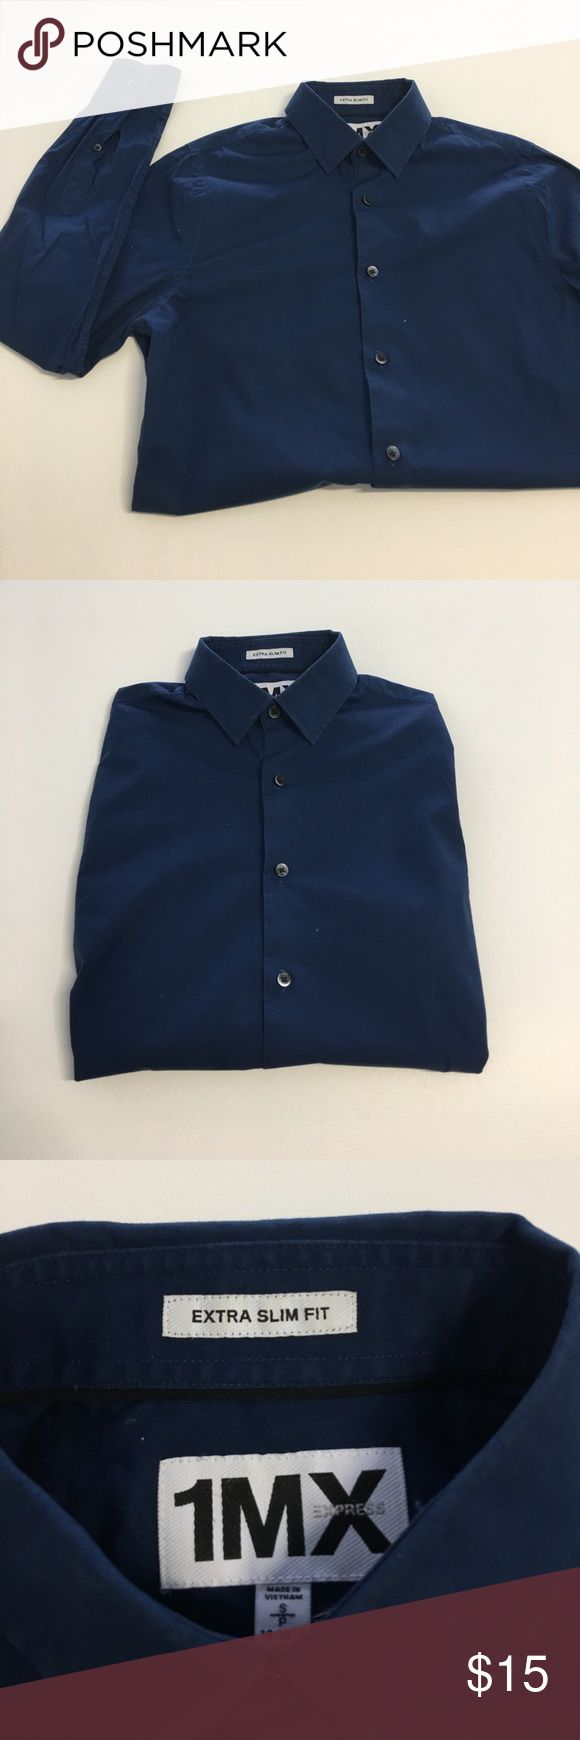 Express Navy Blue LONG SLEEVE dress shirt Perfect Slim-fit style. Navy Blue Long sleeve Dress shirt Express Shirts Dress Shirts